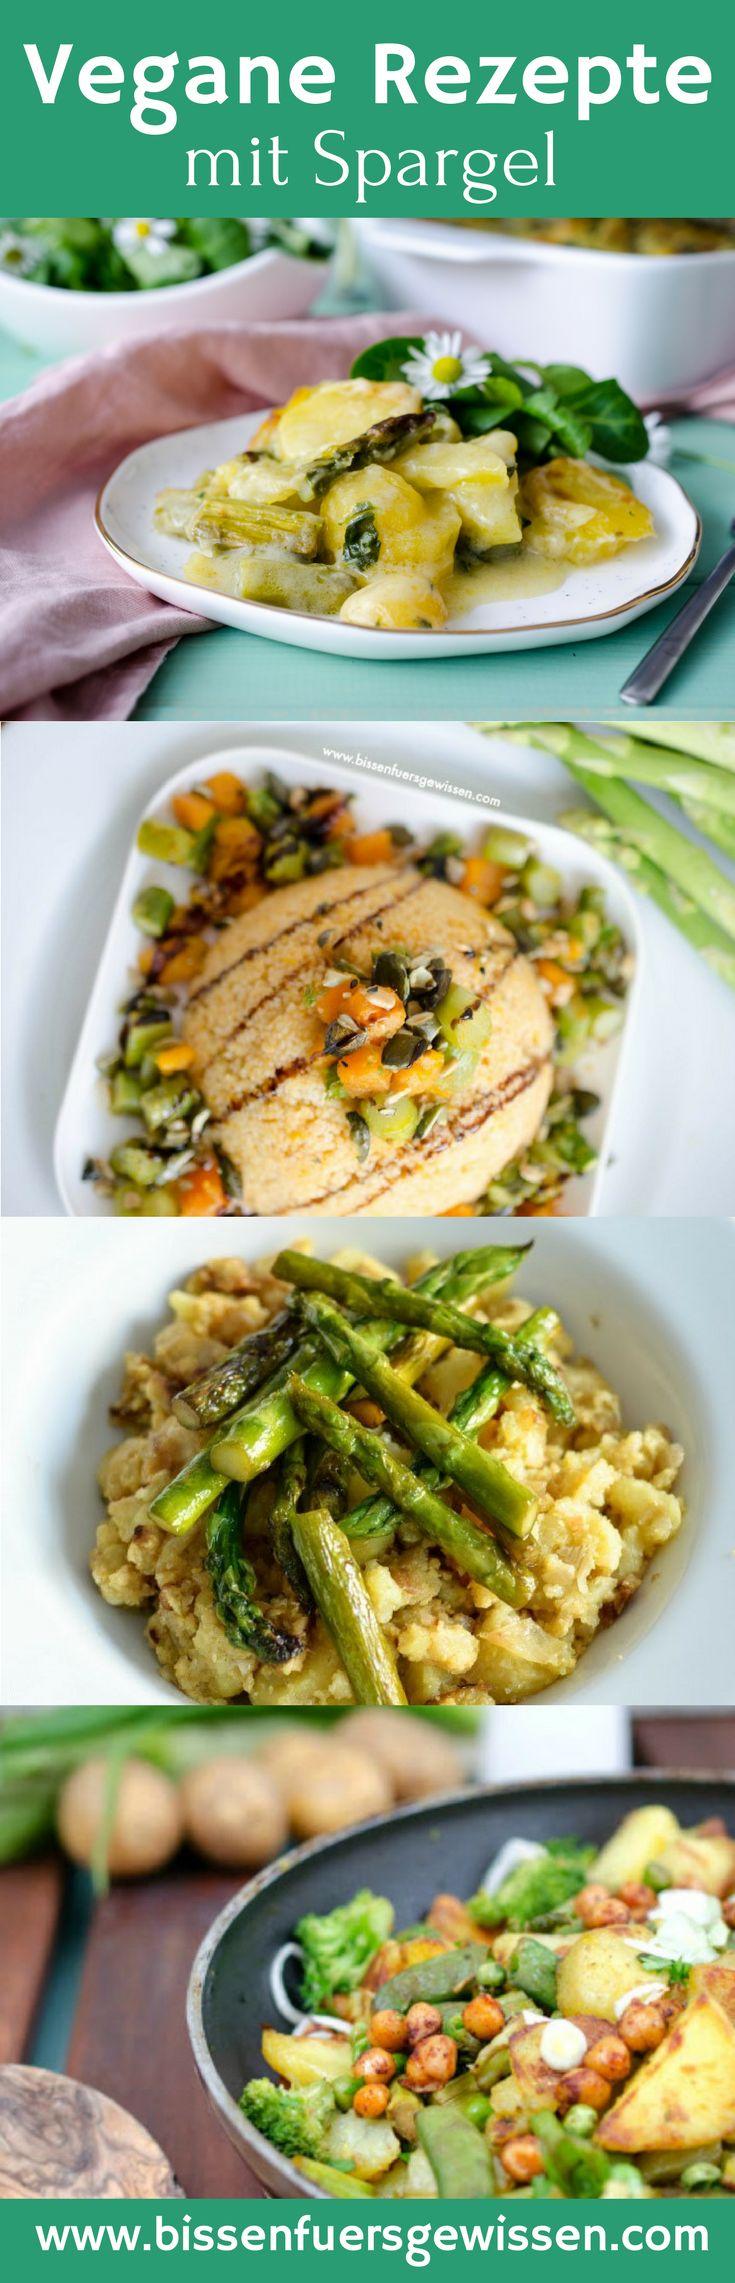 Vegane Rezepte mit Spargel: Gemüsepfanne mit Spargel, Couscous mit Spargel und Süßkartoffel, Polenta-Kartoffel-Pfanne mit Spargel, Spargel-Kartoffel-Auflauf; Frühlingsrezept vegan.